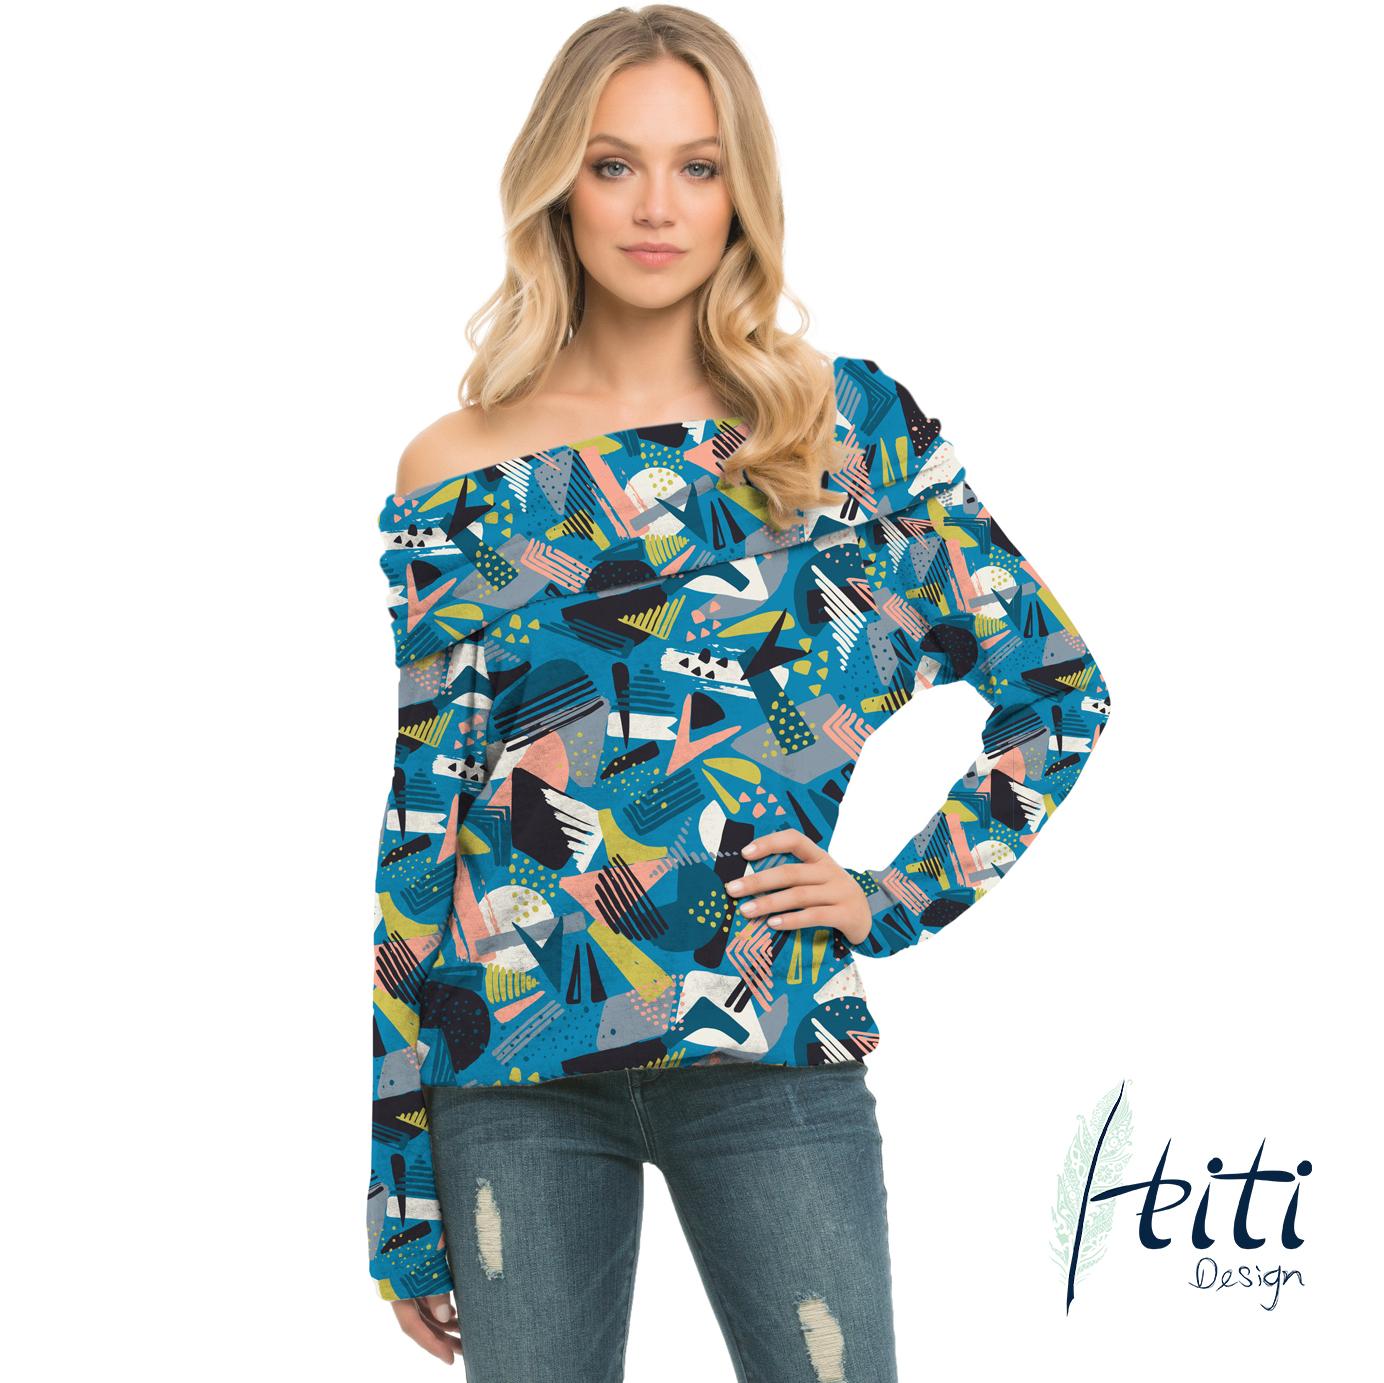 pullover-mock-up2.jpg